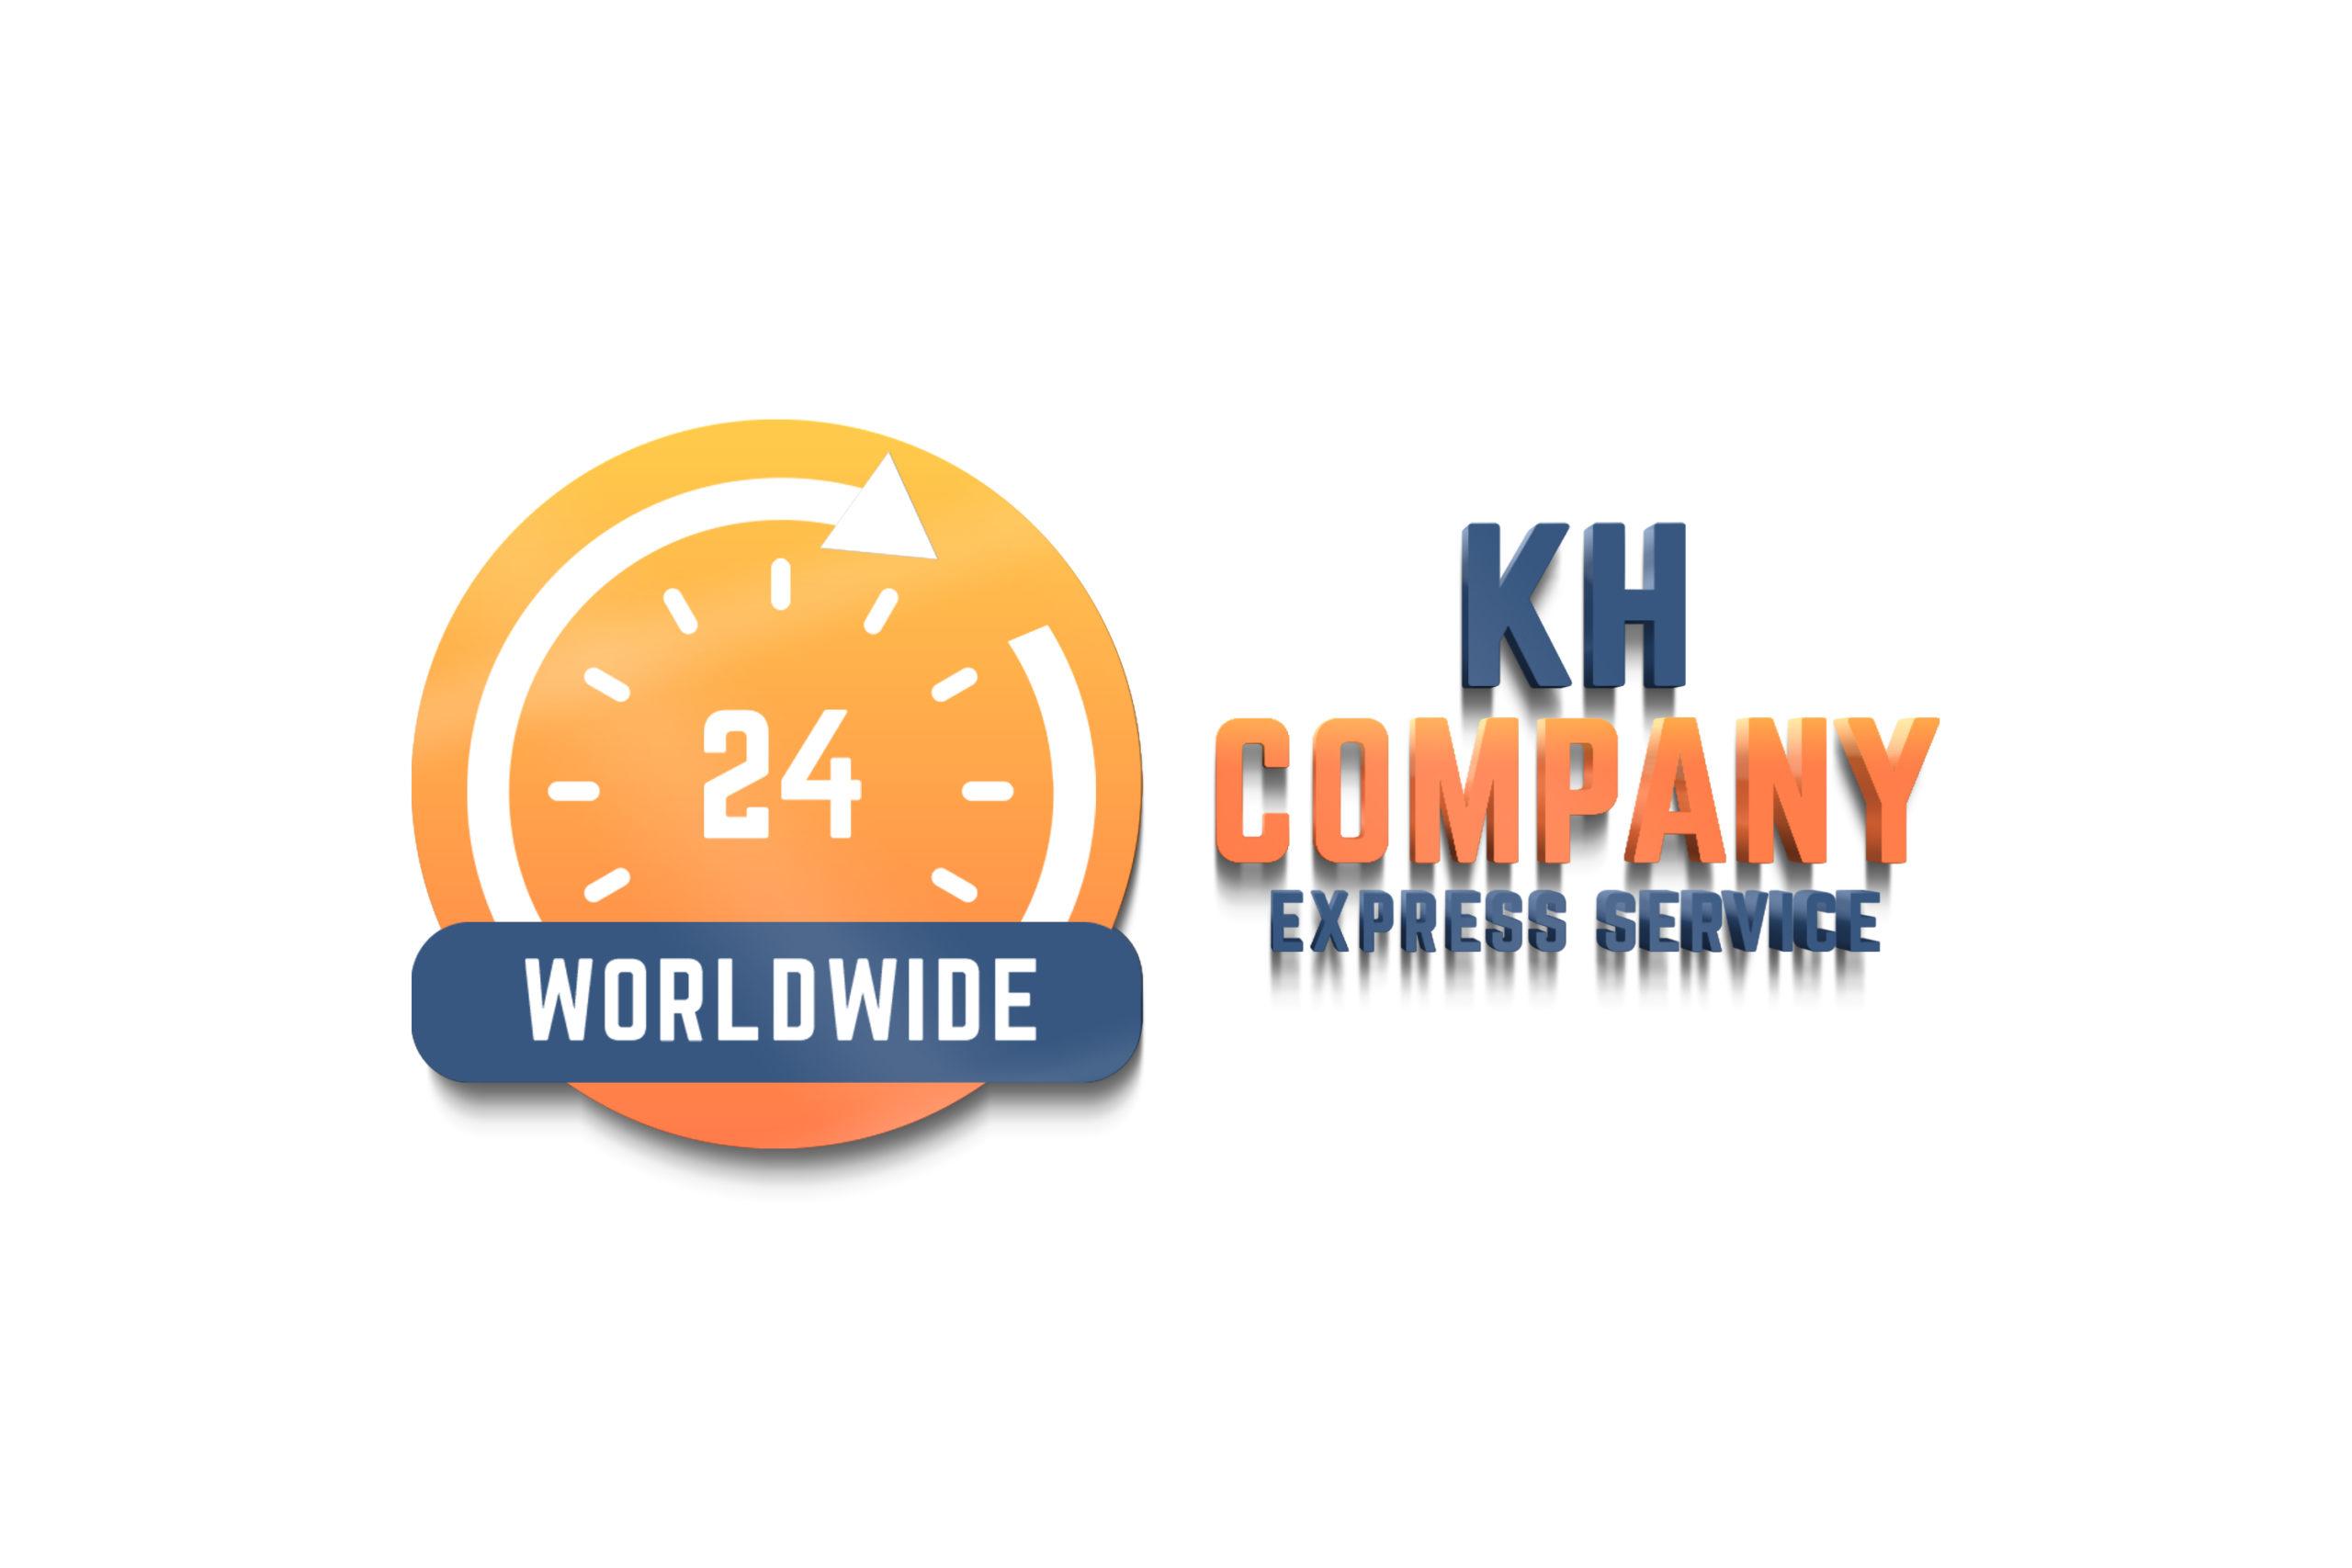 KH Company